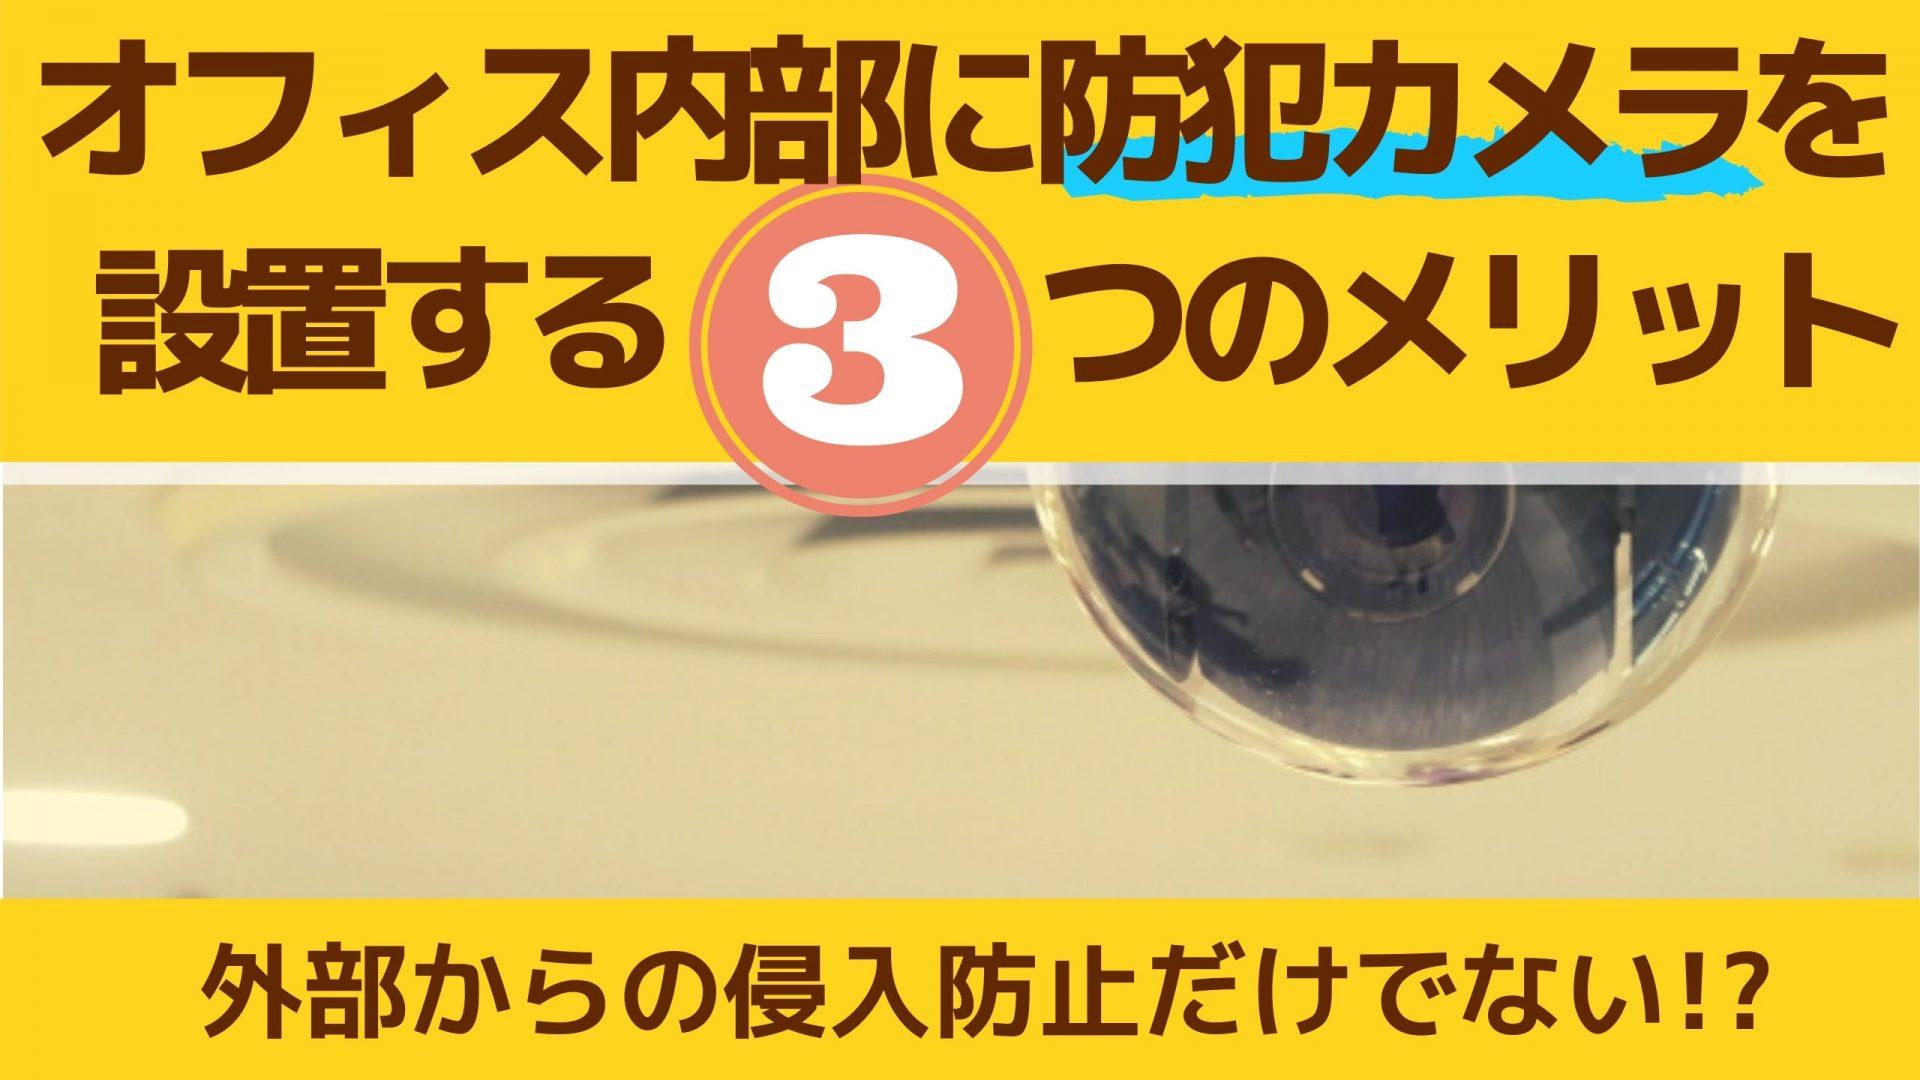 99ca0991326b5fefde4f7cf0aa0435ff - オフィスの内部に防犯カメラを設置するべき3つのメリットを紹介